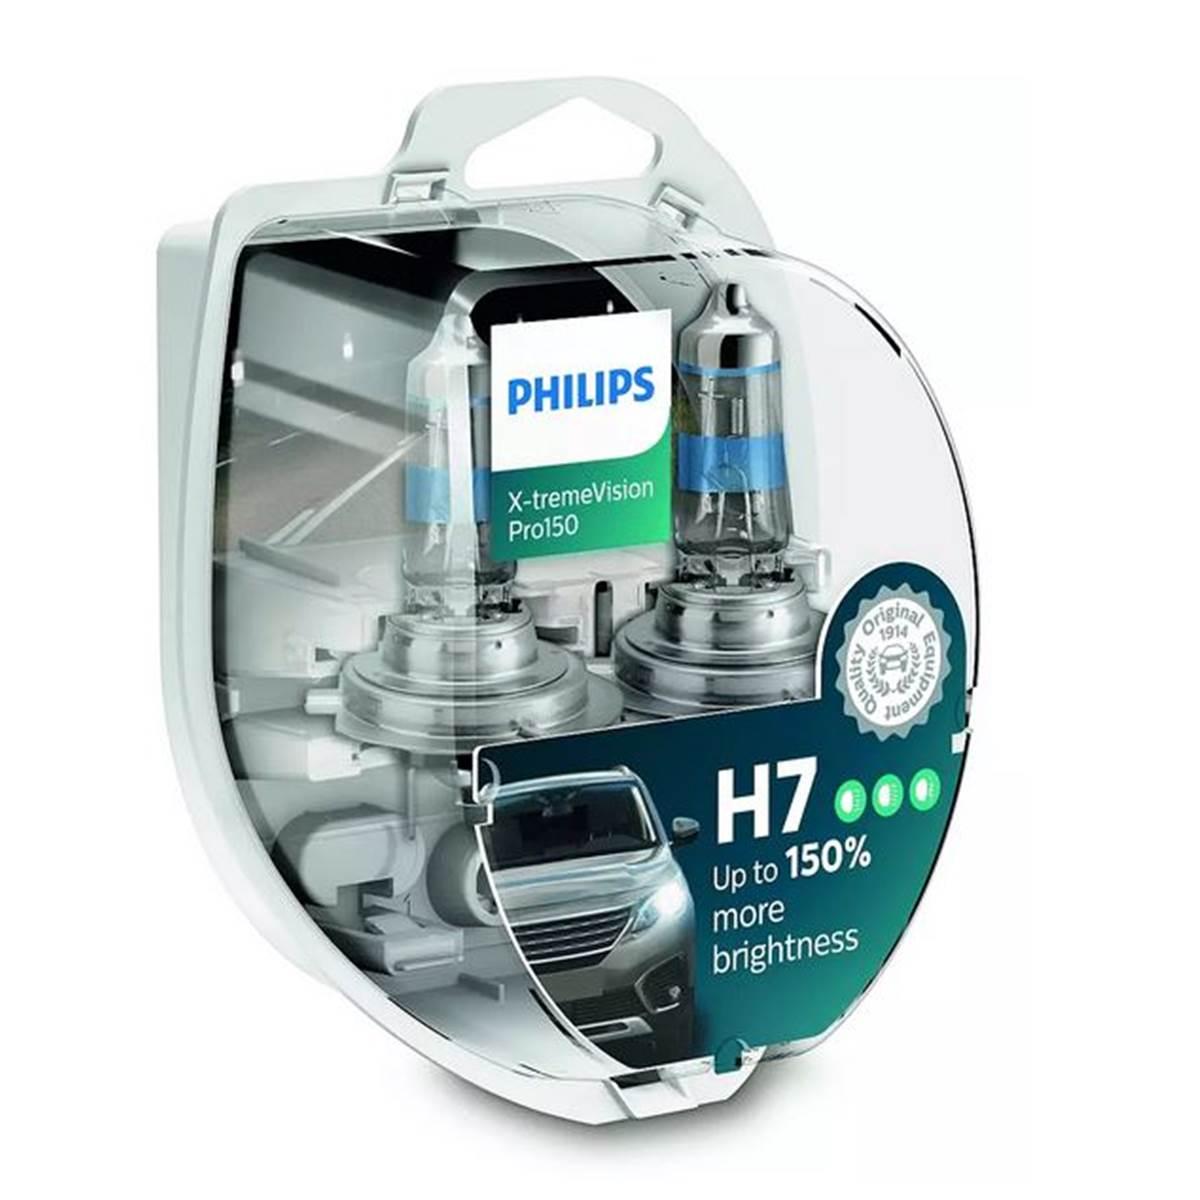 2 ampoules Philips Premium X-treme Vision Pro150 H7